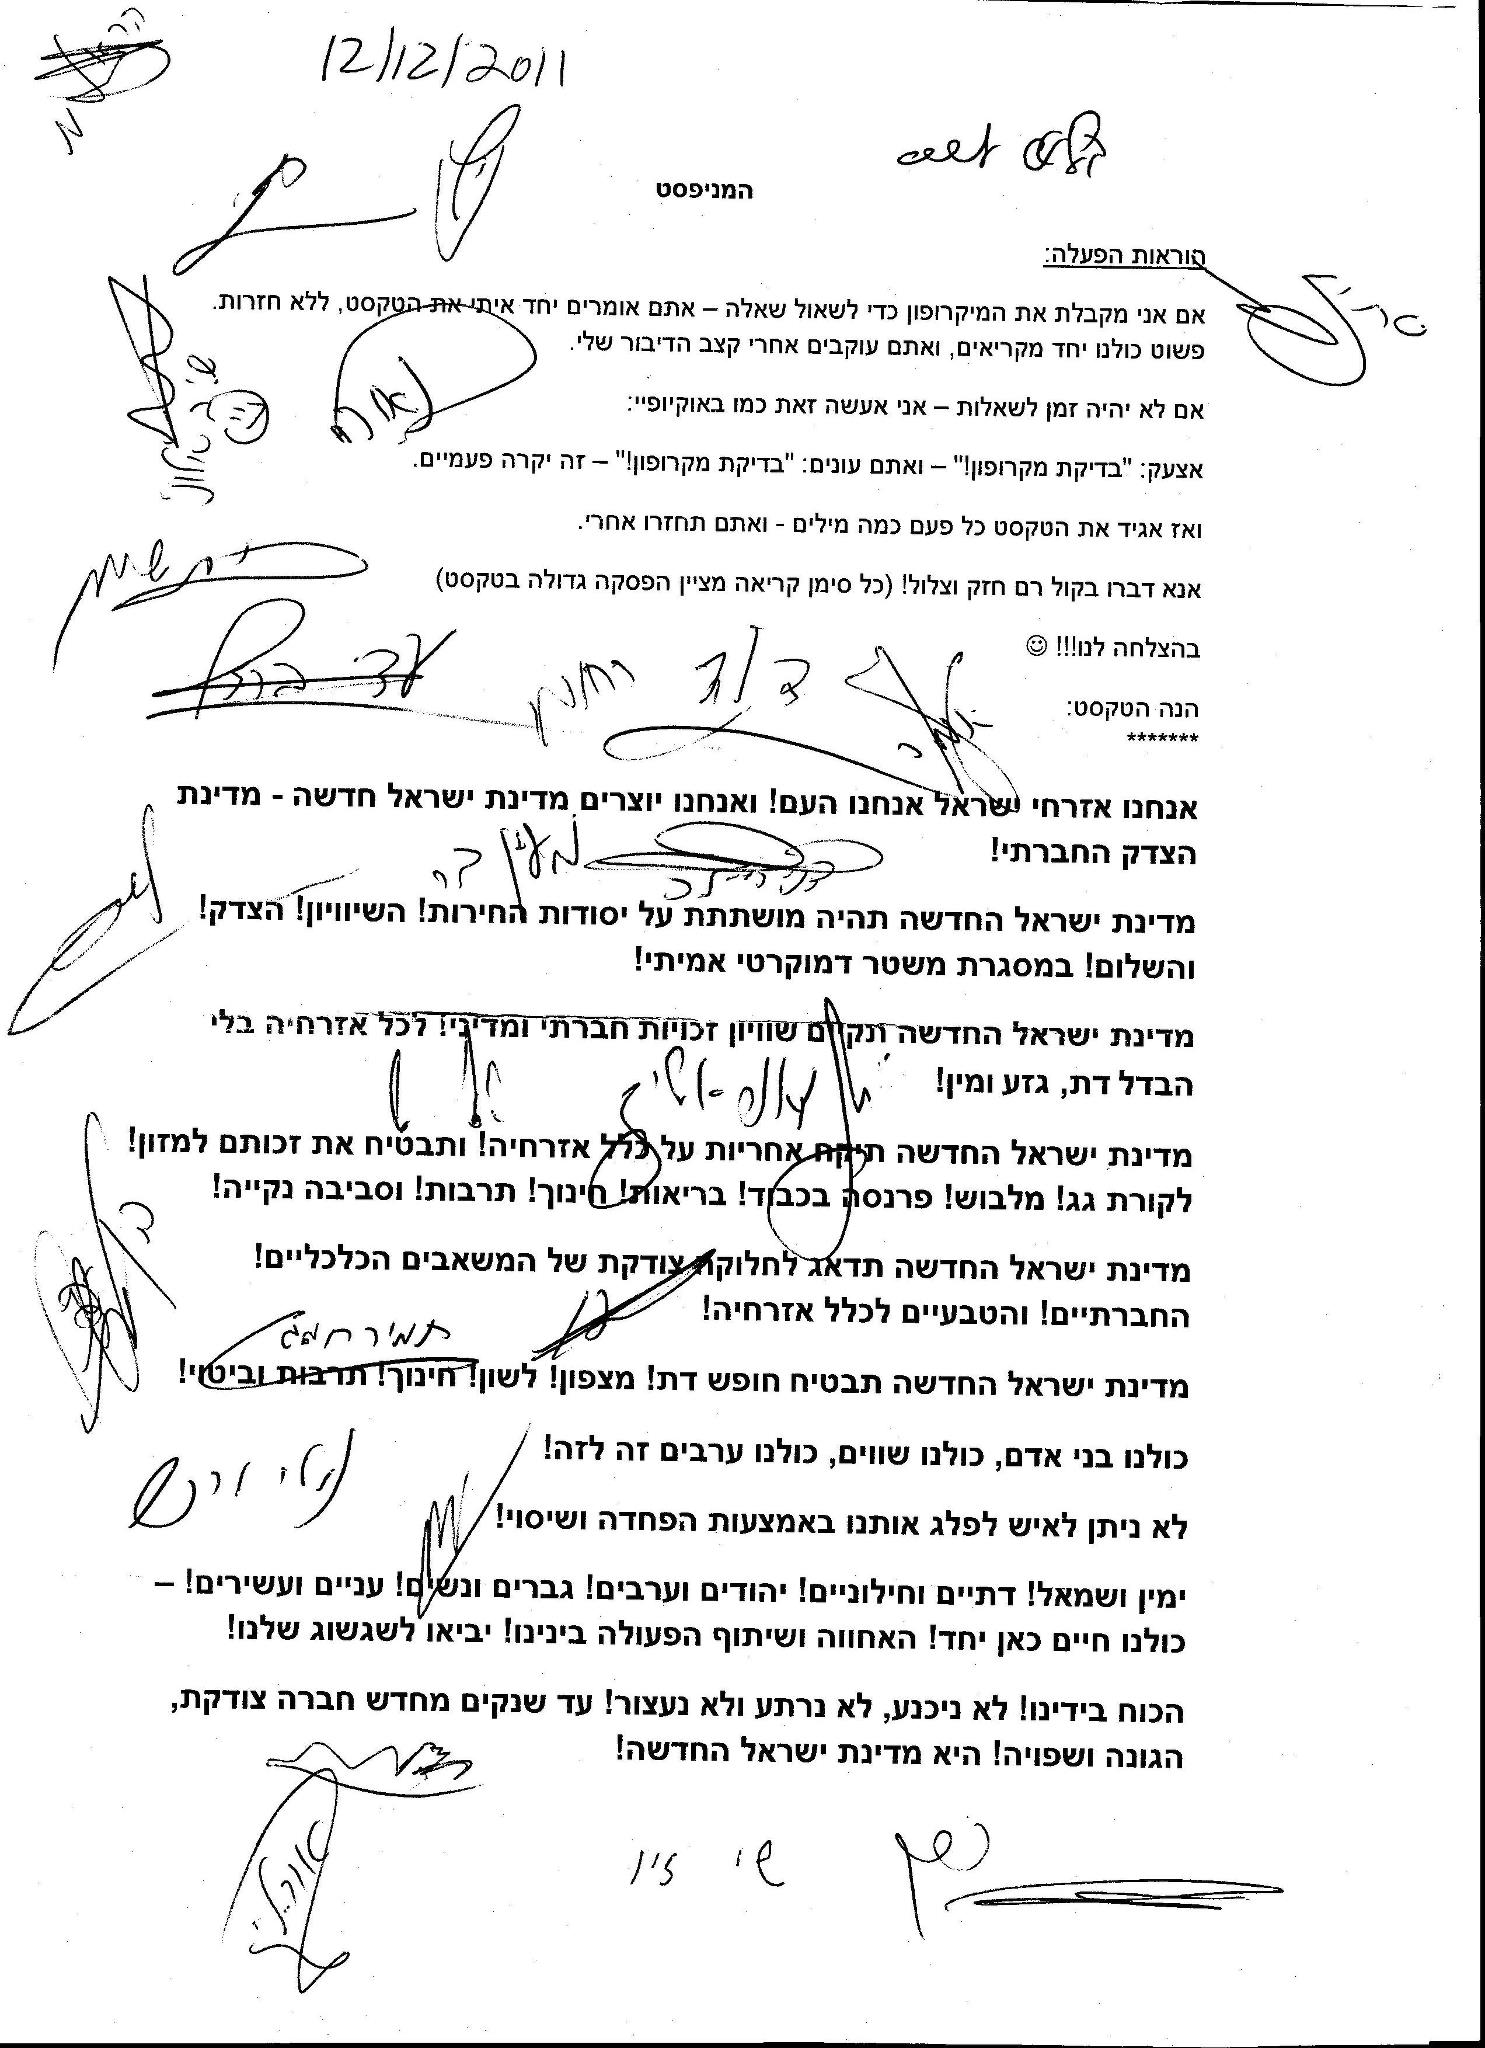 הכרזה על הקמת מדינת הצדק החברתי, בחתימת כל הפעילים שלקחו חלק בפעולה